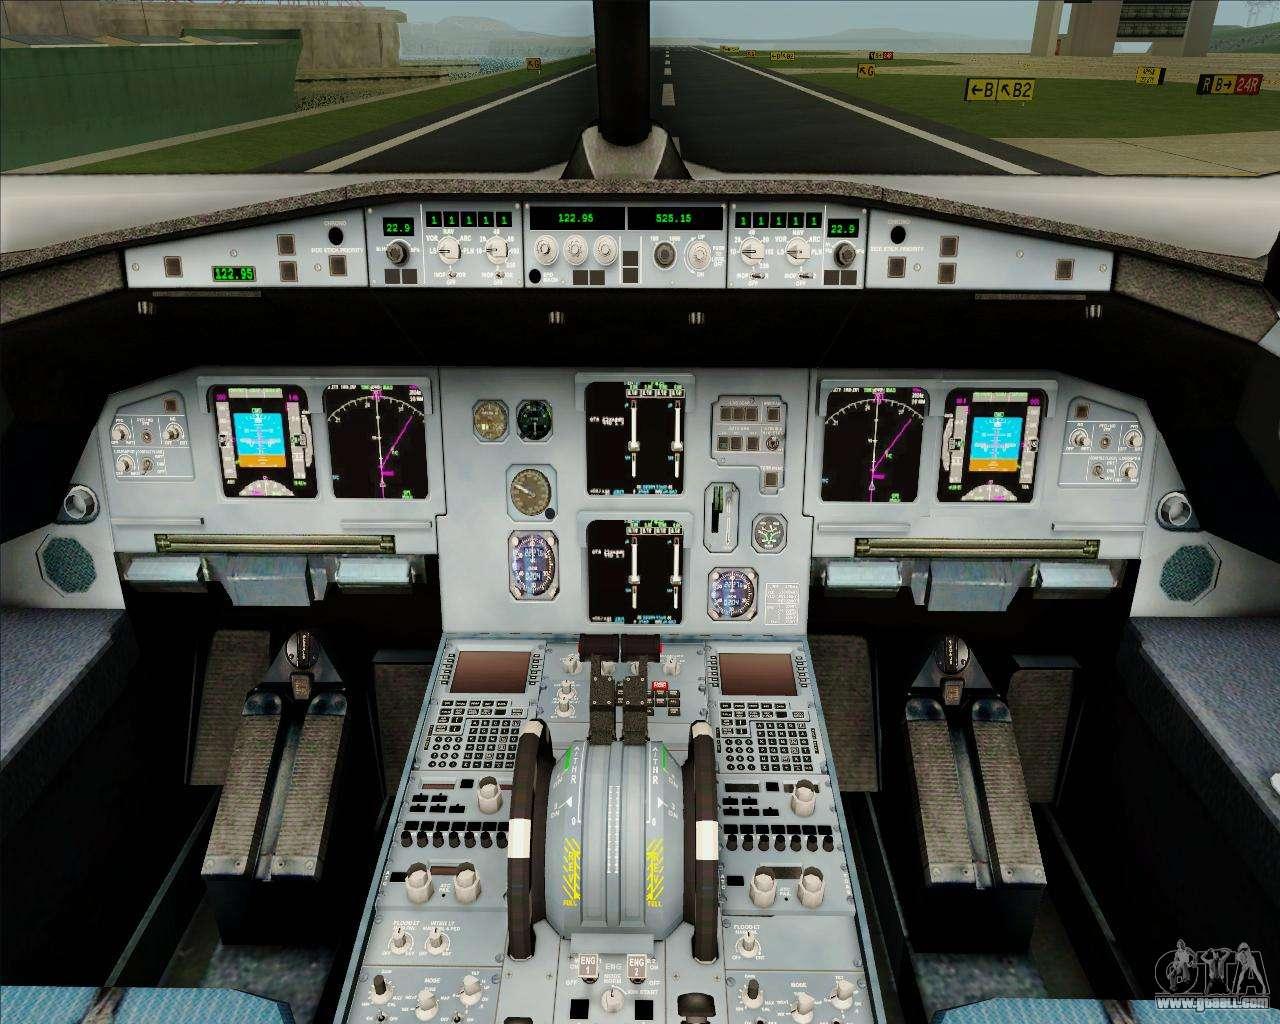 Airbus a320 200 indigo for gta san andreas for Gta sa plane interior mod